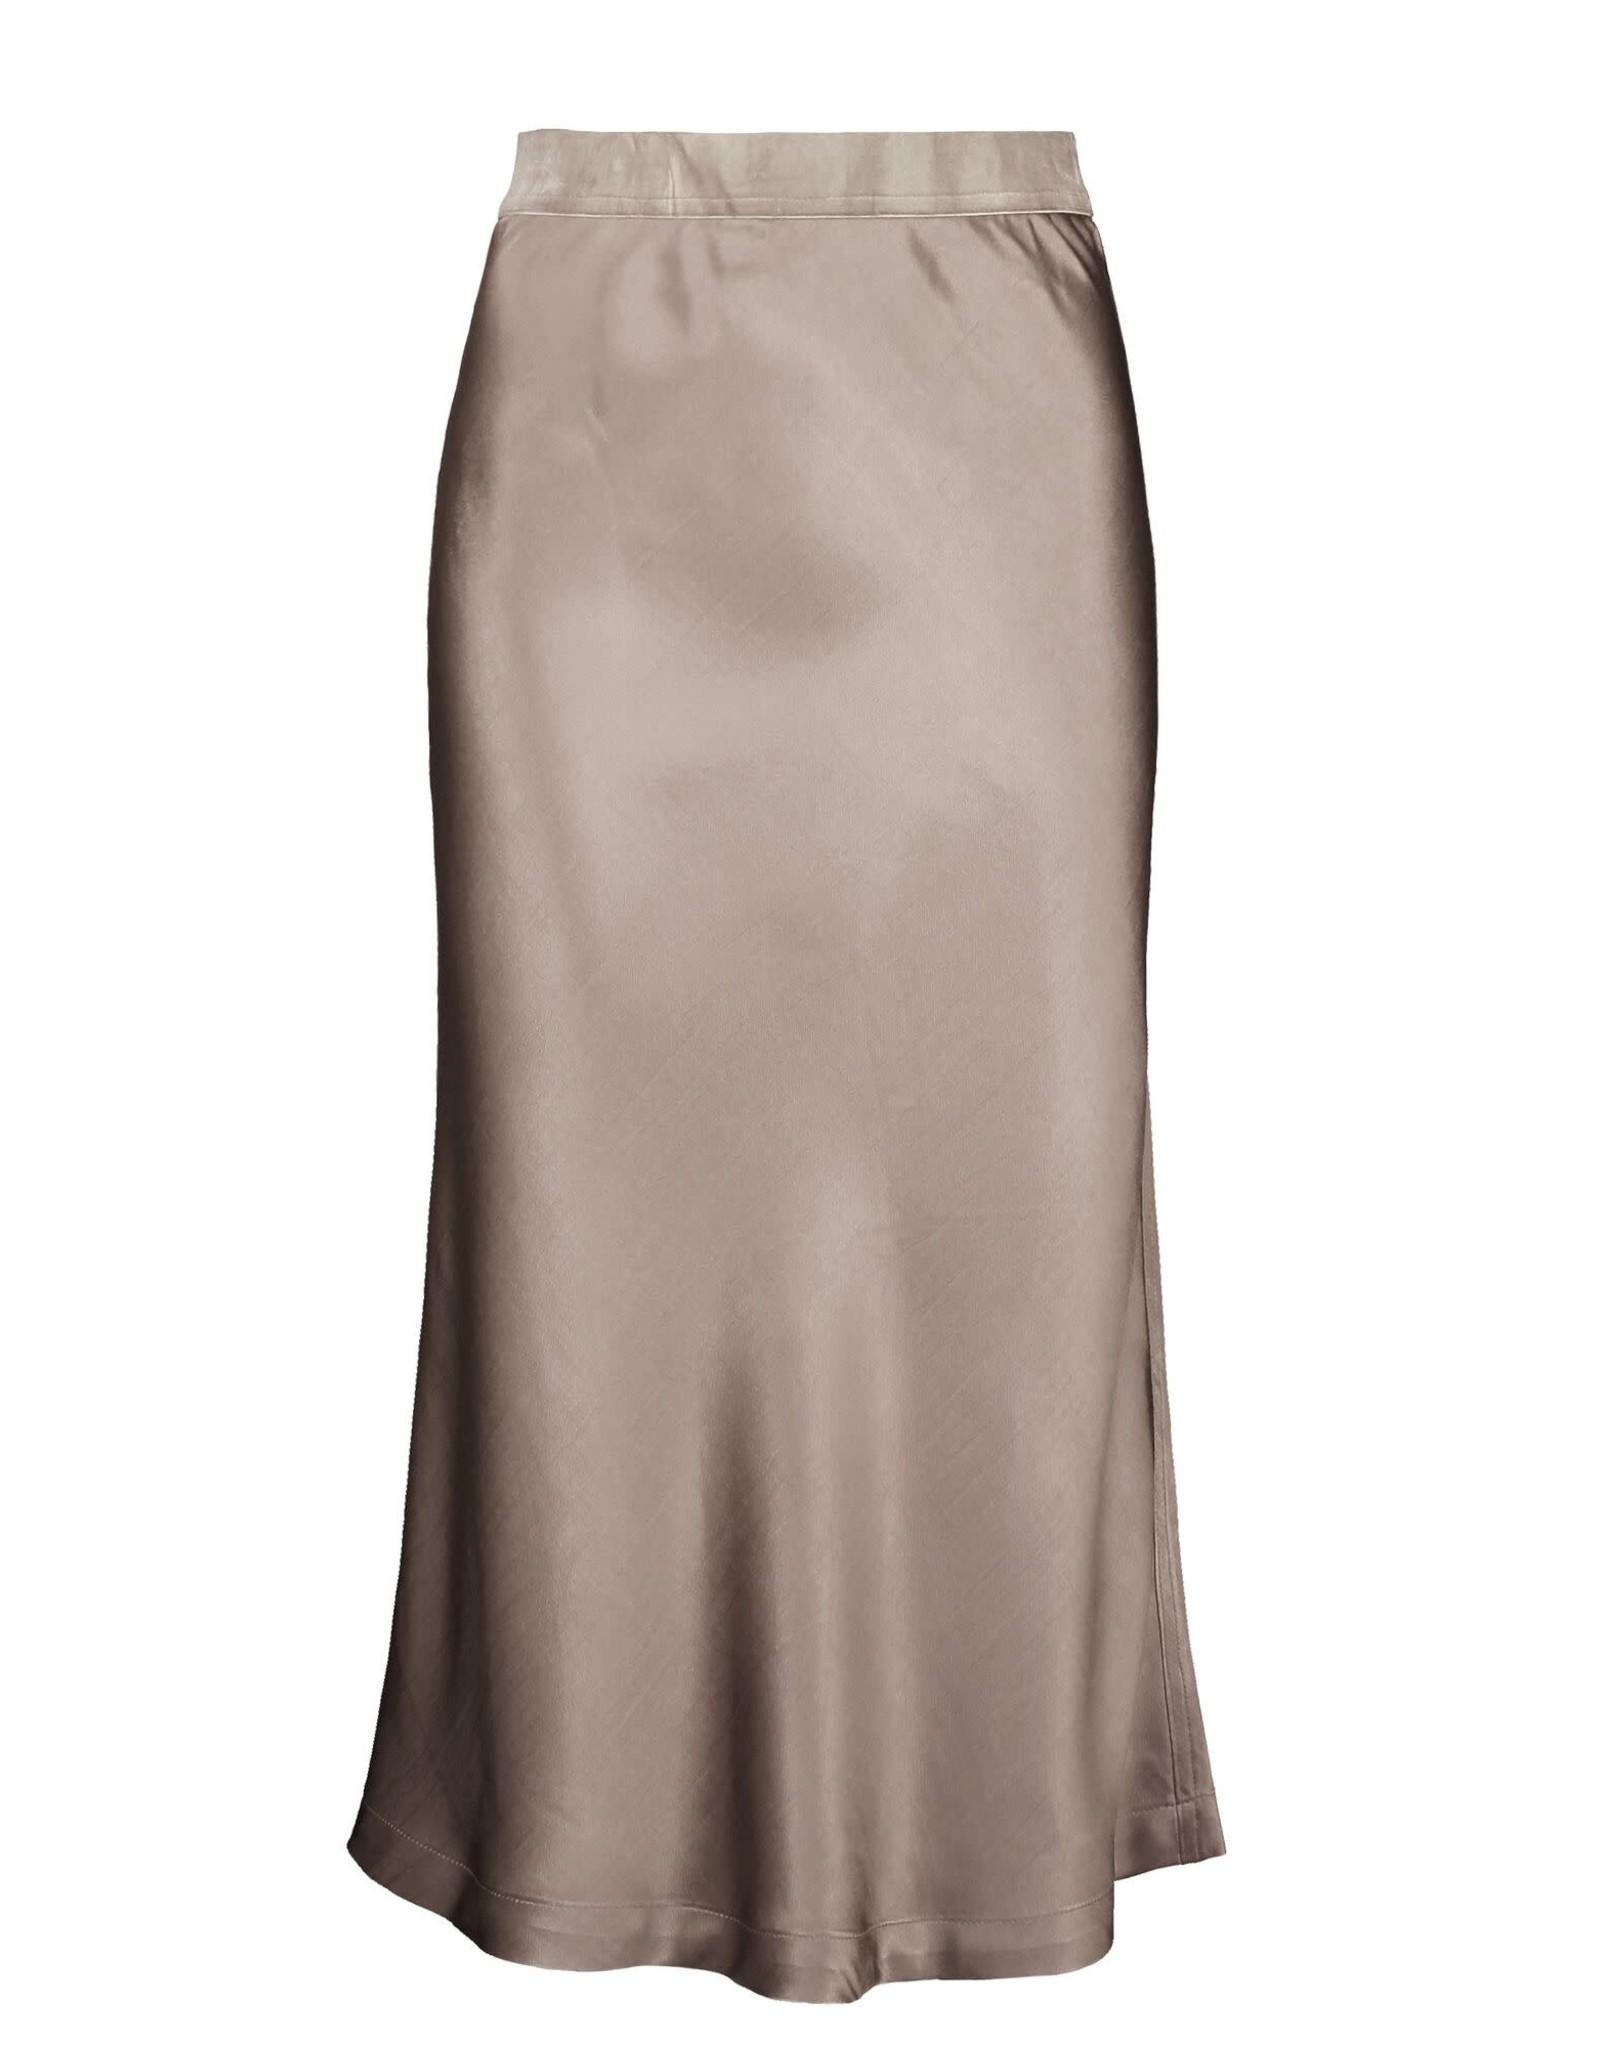 CKS Skirt Ratin Champagne